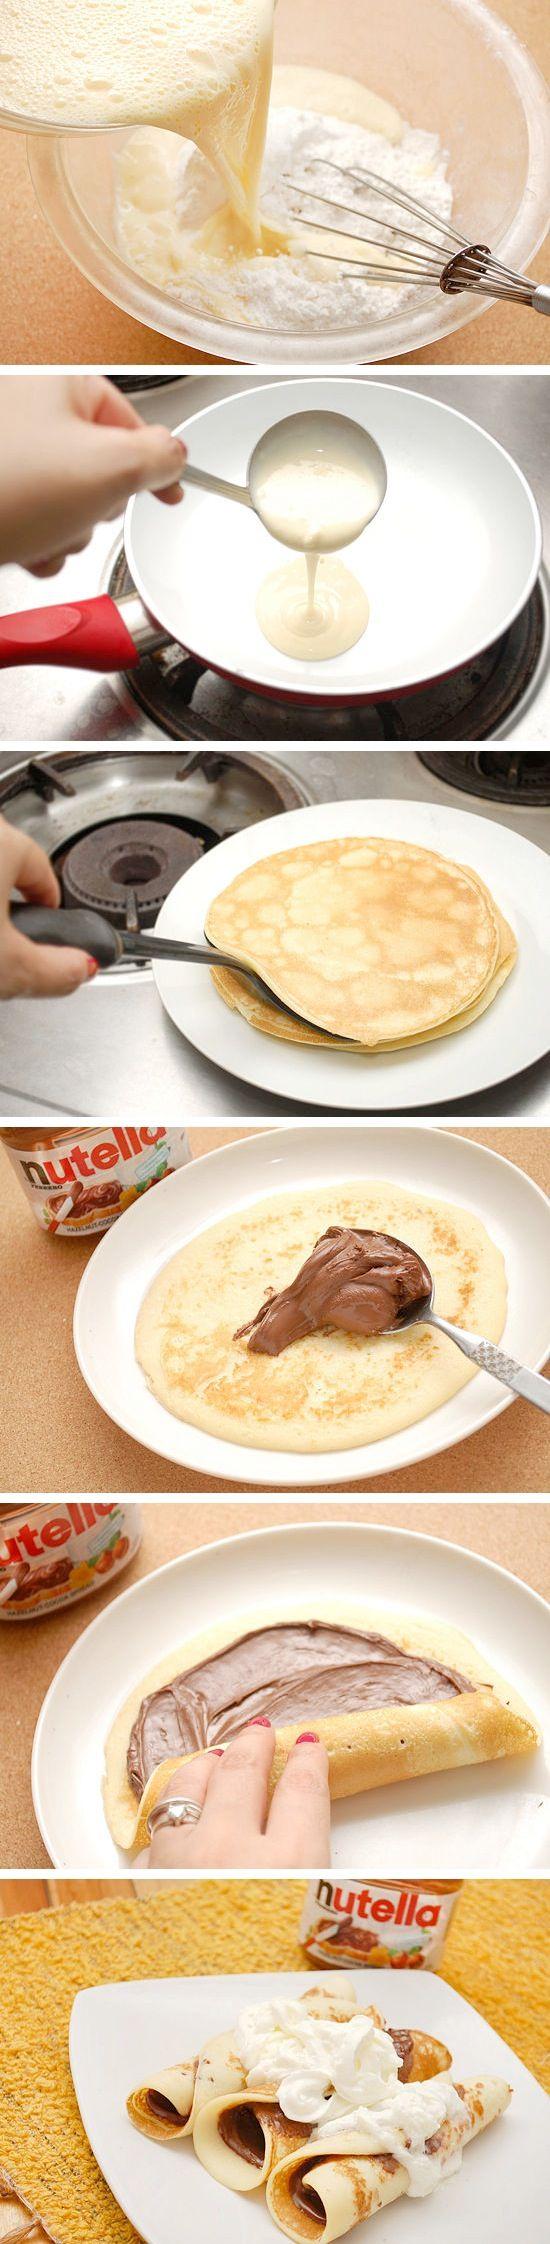 Nutella Crepes Supreme | Recipe By Photo